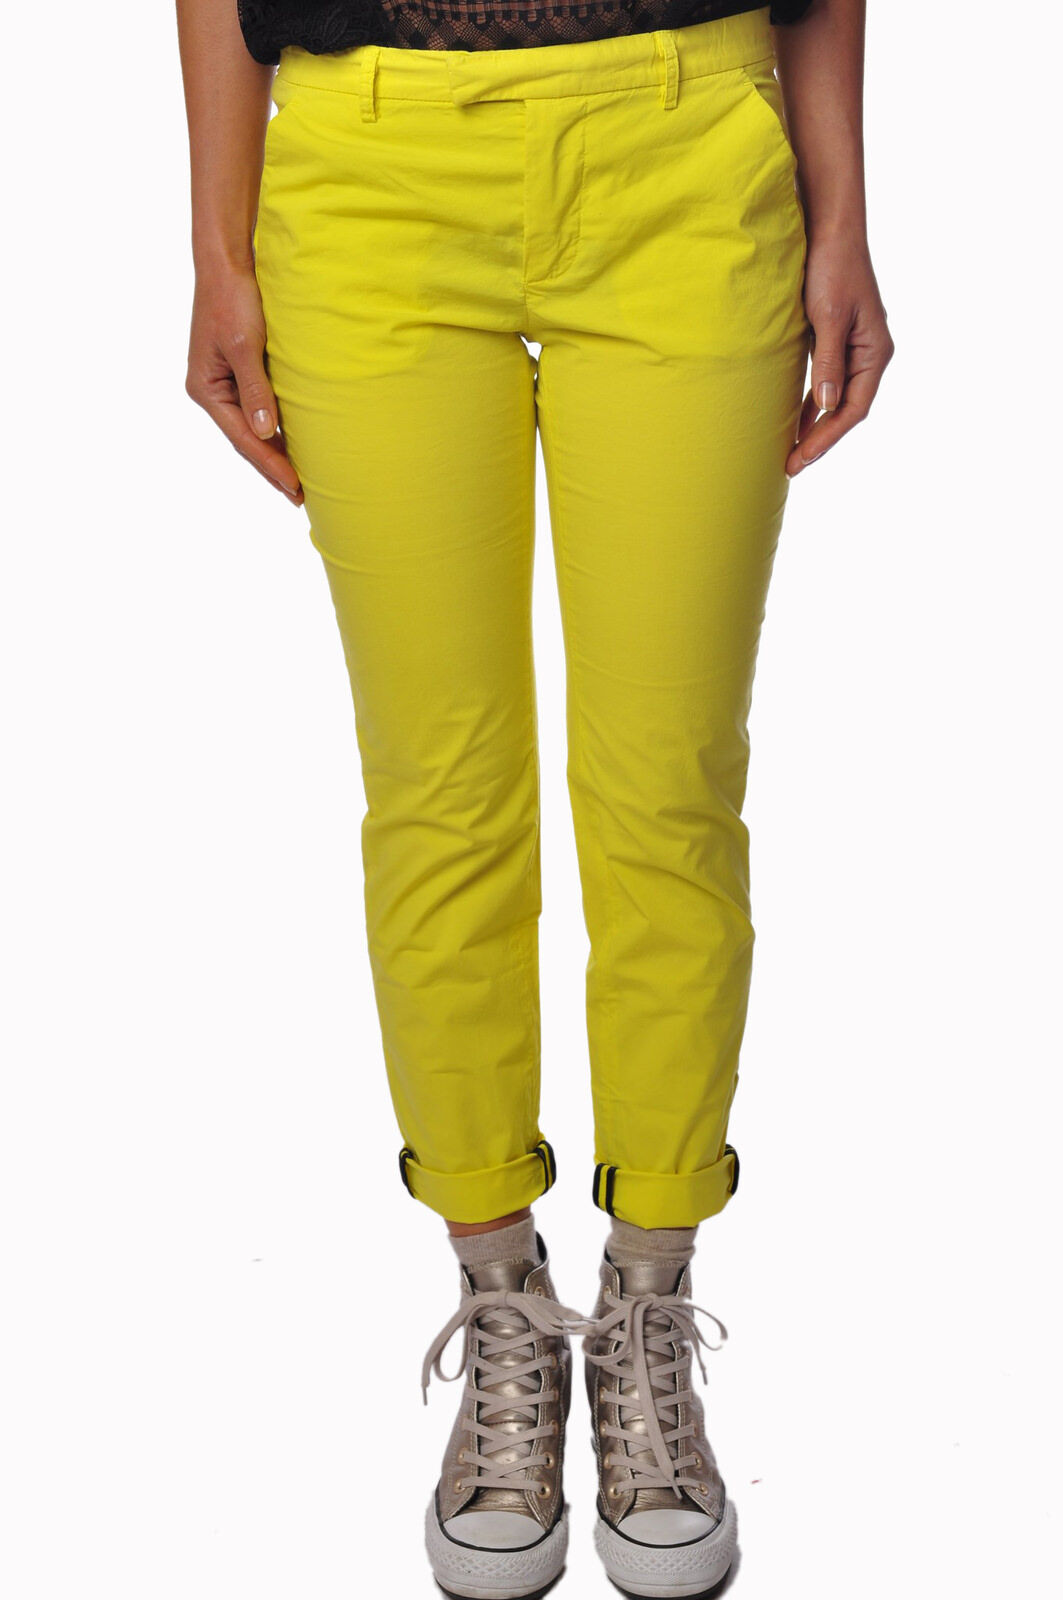 Mercì - Pants-Pants - woman - 786817C184408